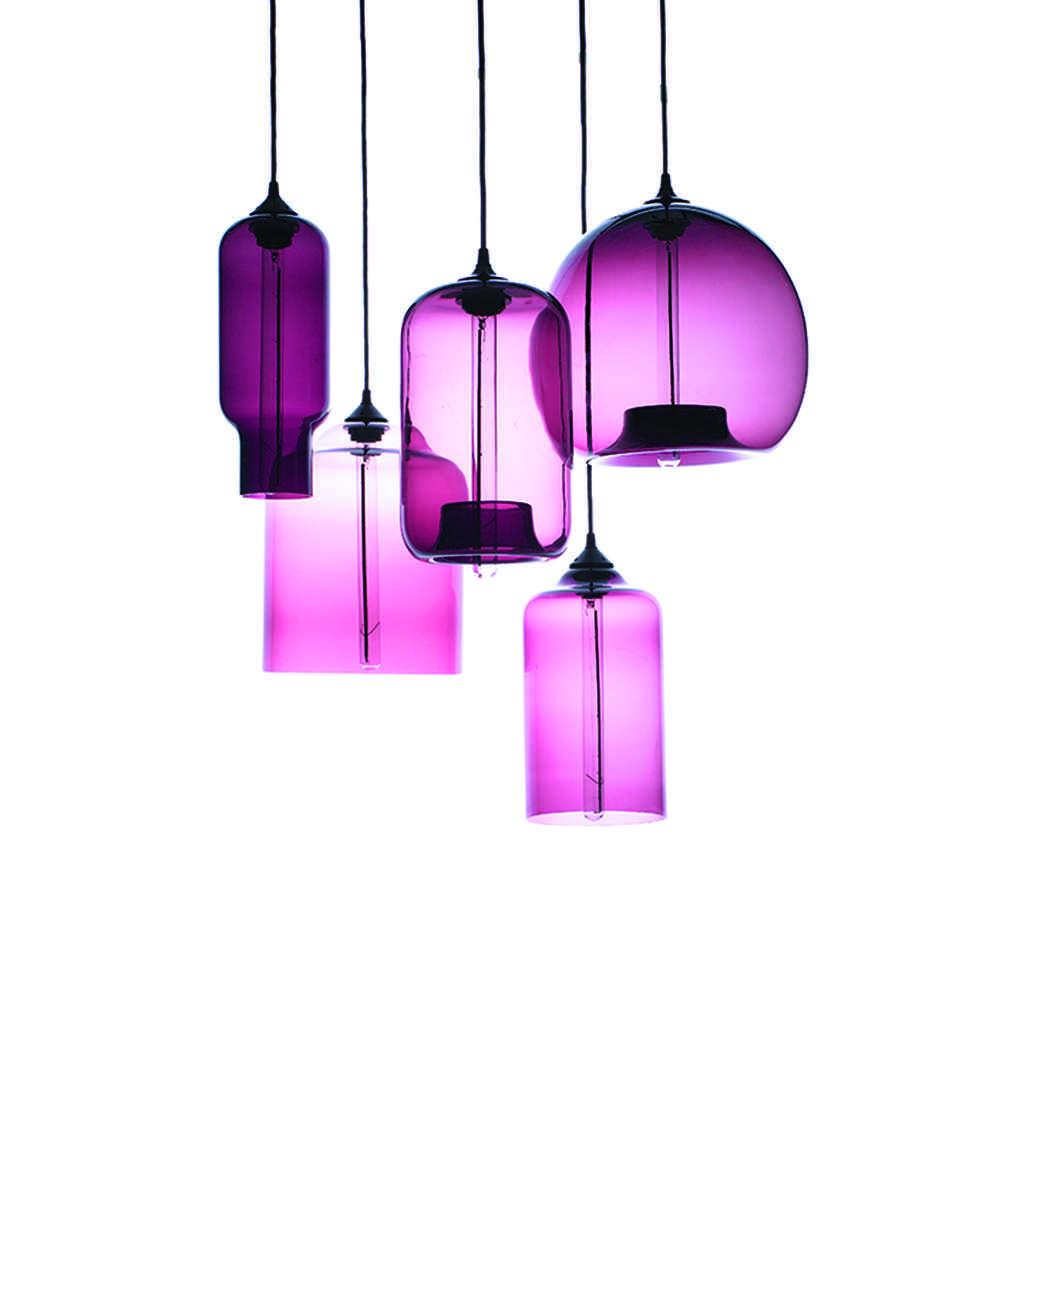 mld106212_1010_lamps4.jpg